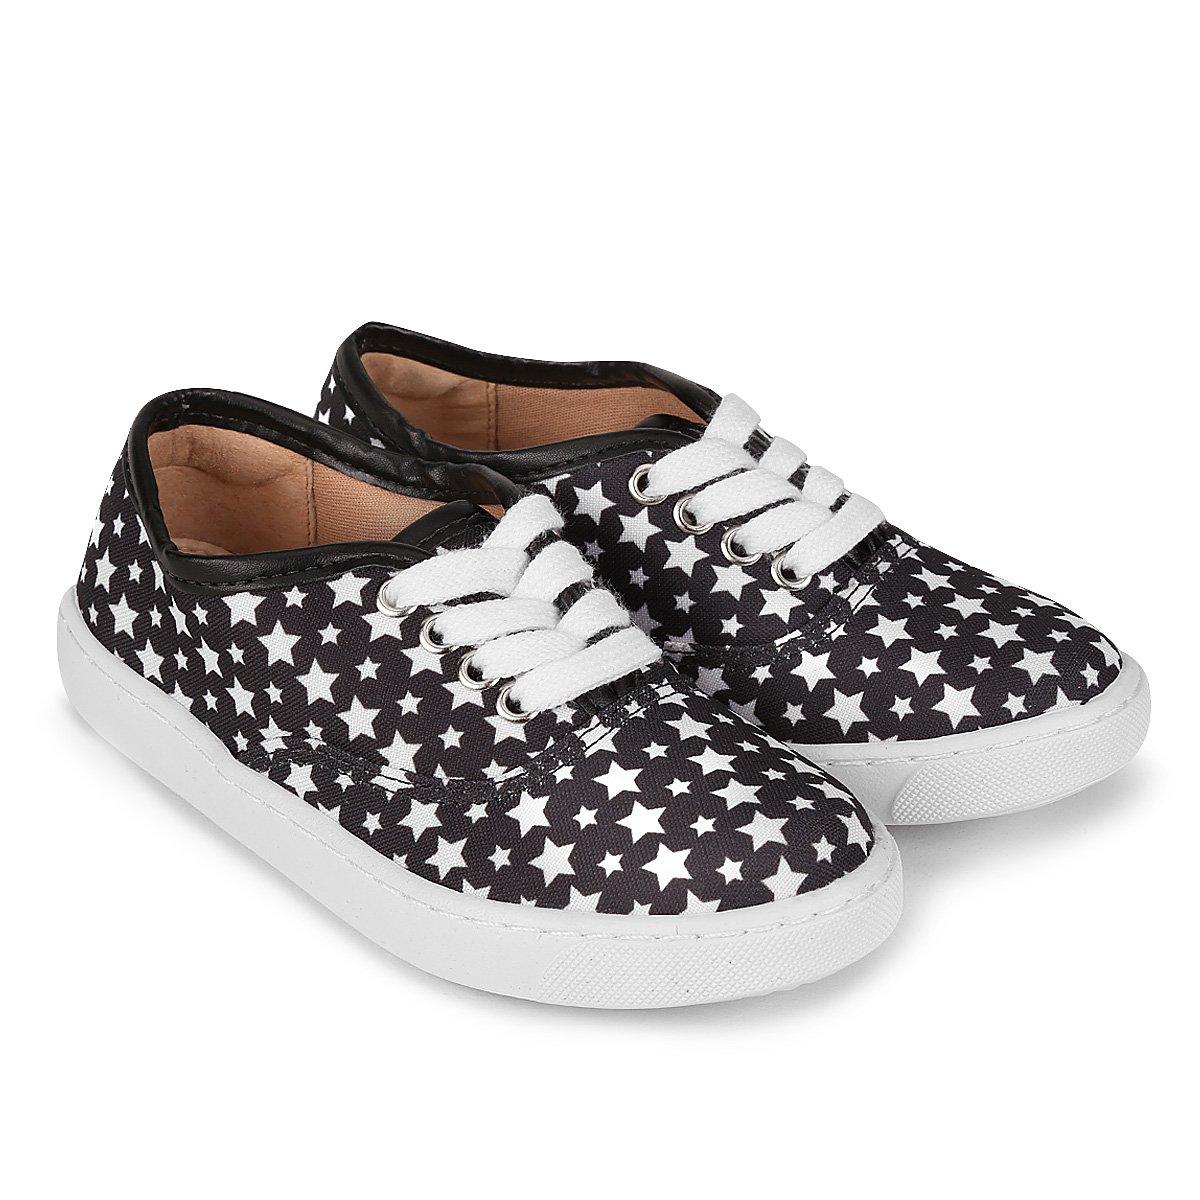 9e75a53b0 Tênis Infantil Shoestock com Glitter Feminino - Compre Agora